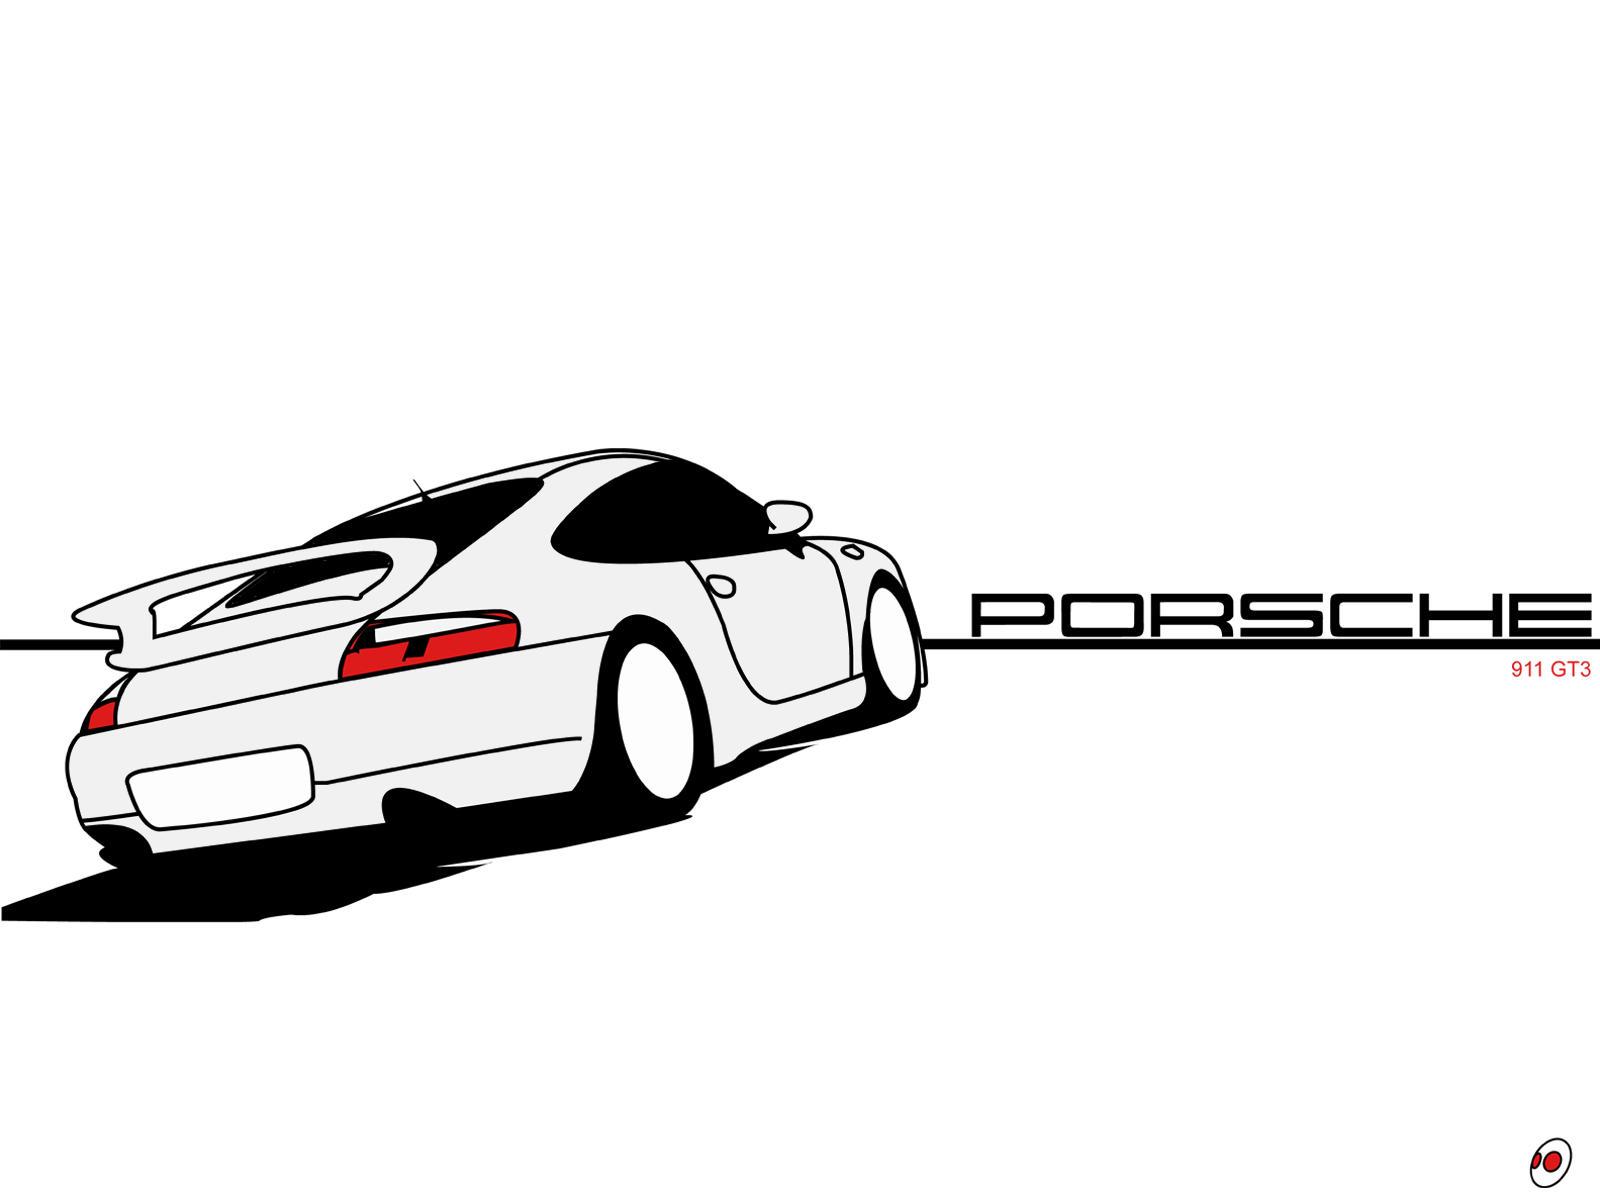 Lineart Porsche 35470101 moreover Porsche 997 Turbo Alba Chiara moreover  besides Porsche 911 GT2 WB 190623847 together with 1998 06 Mitsubishi Montero Sport 3 0l Serpentine Belt Diagram. on porsche 911 carrera gt